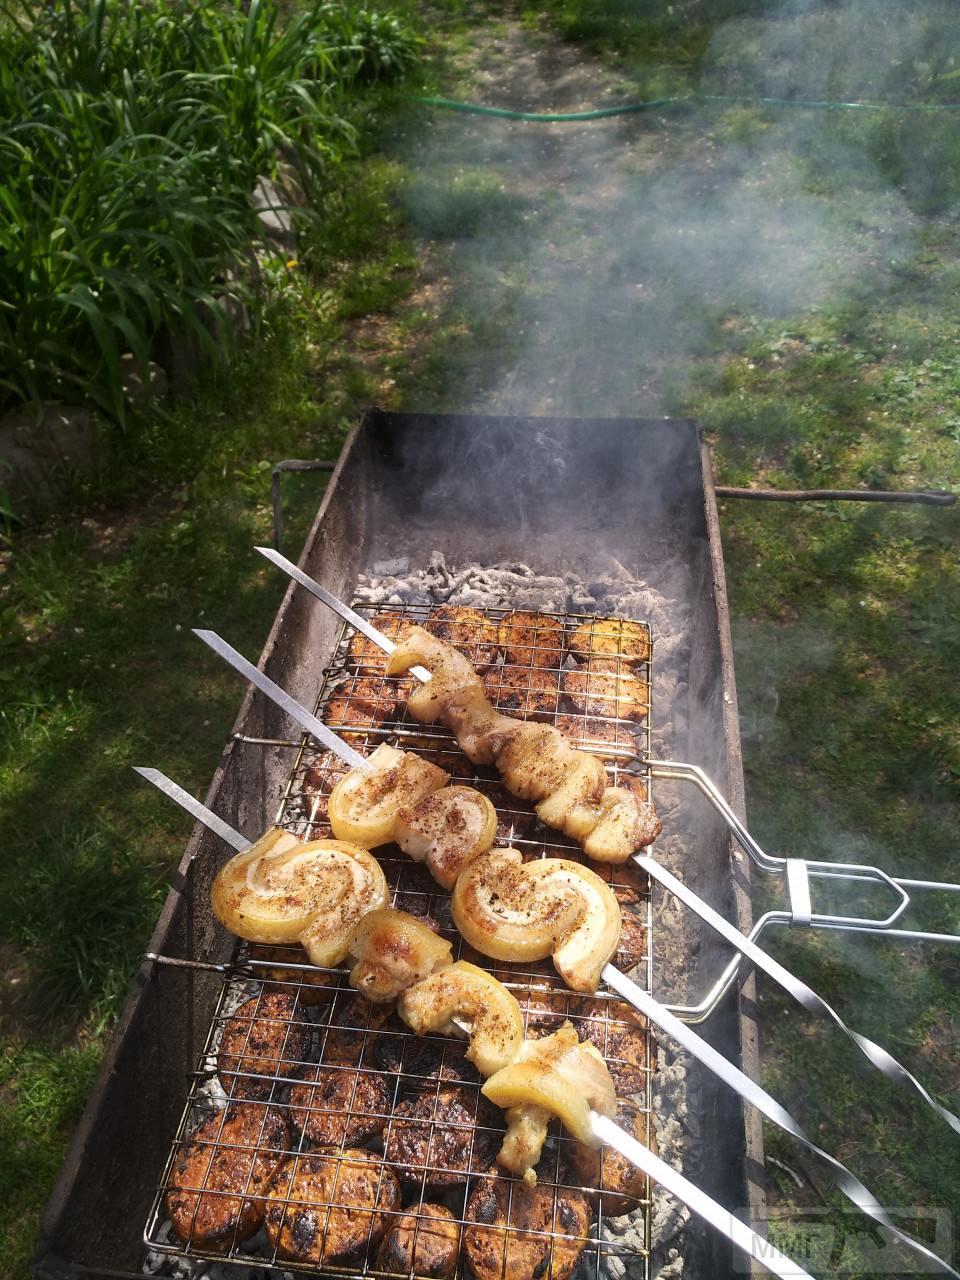 102318 - Закуски на огне (мангал, барбекю и т.д.) и кулинария вообще. Советы и рецепты.